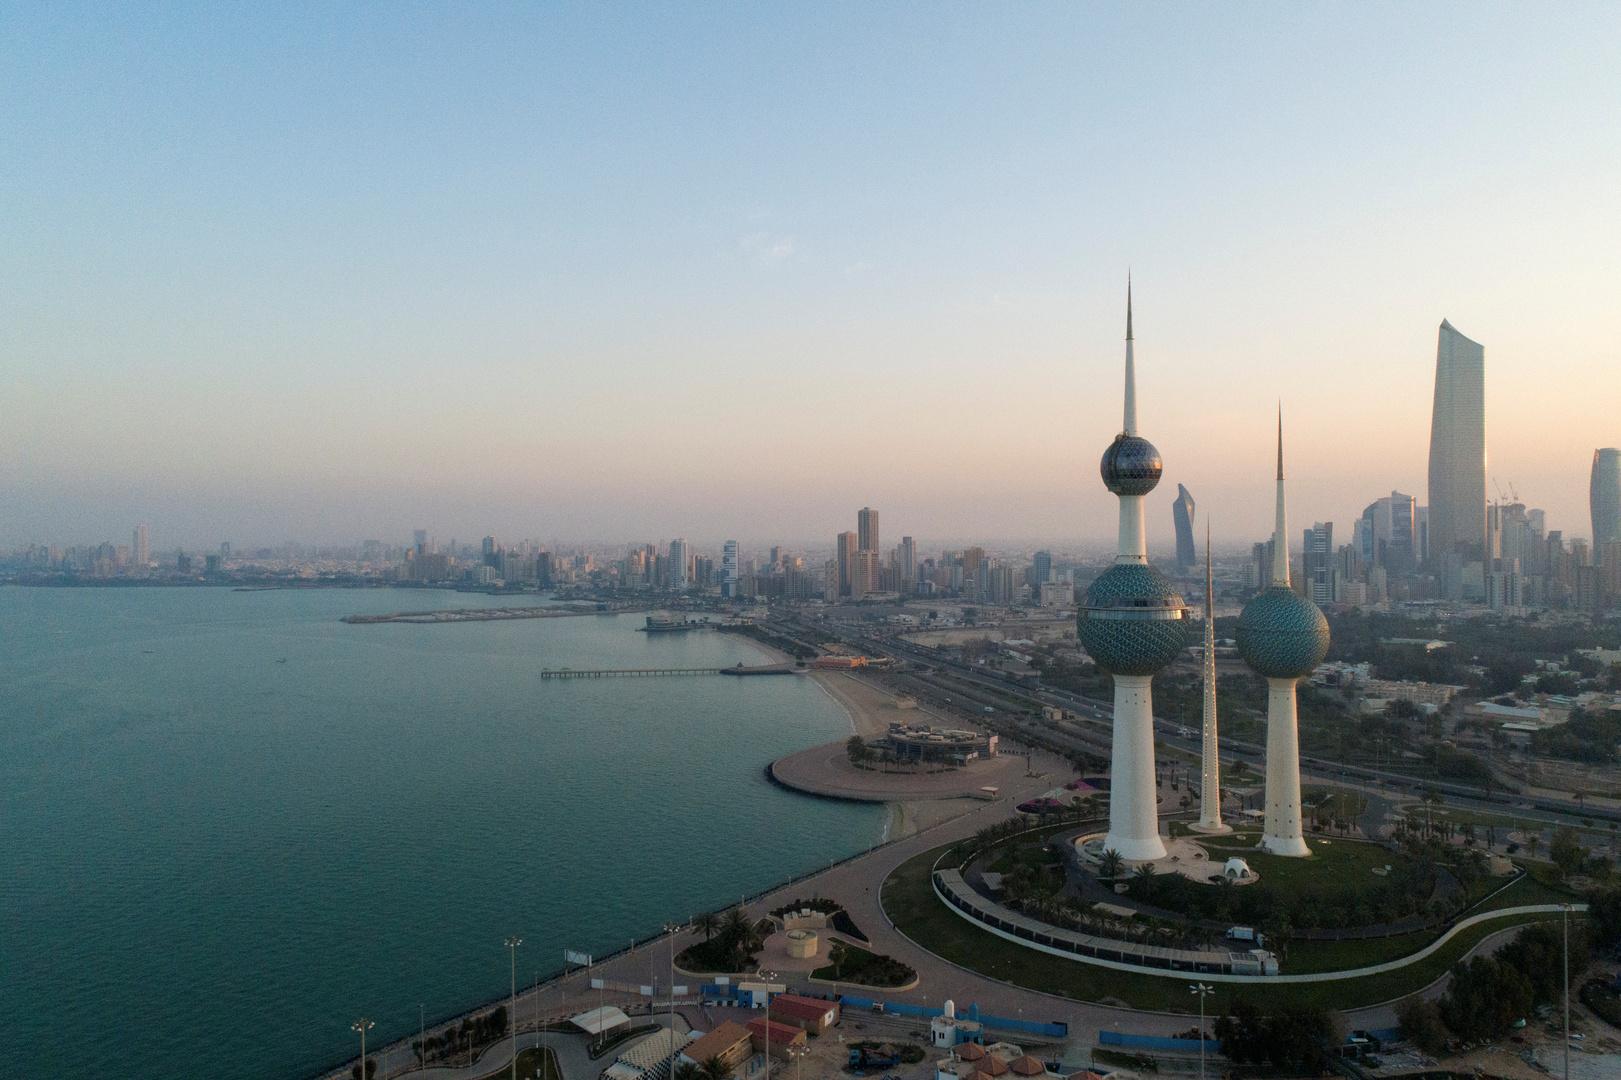 الكويت.. نواب في مجلس الأمة يؤيدون استجواب رئيس الوزراء